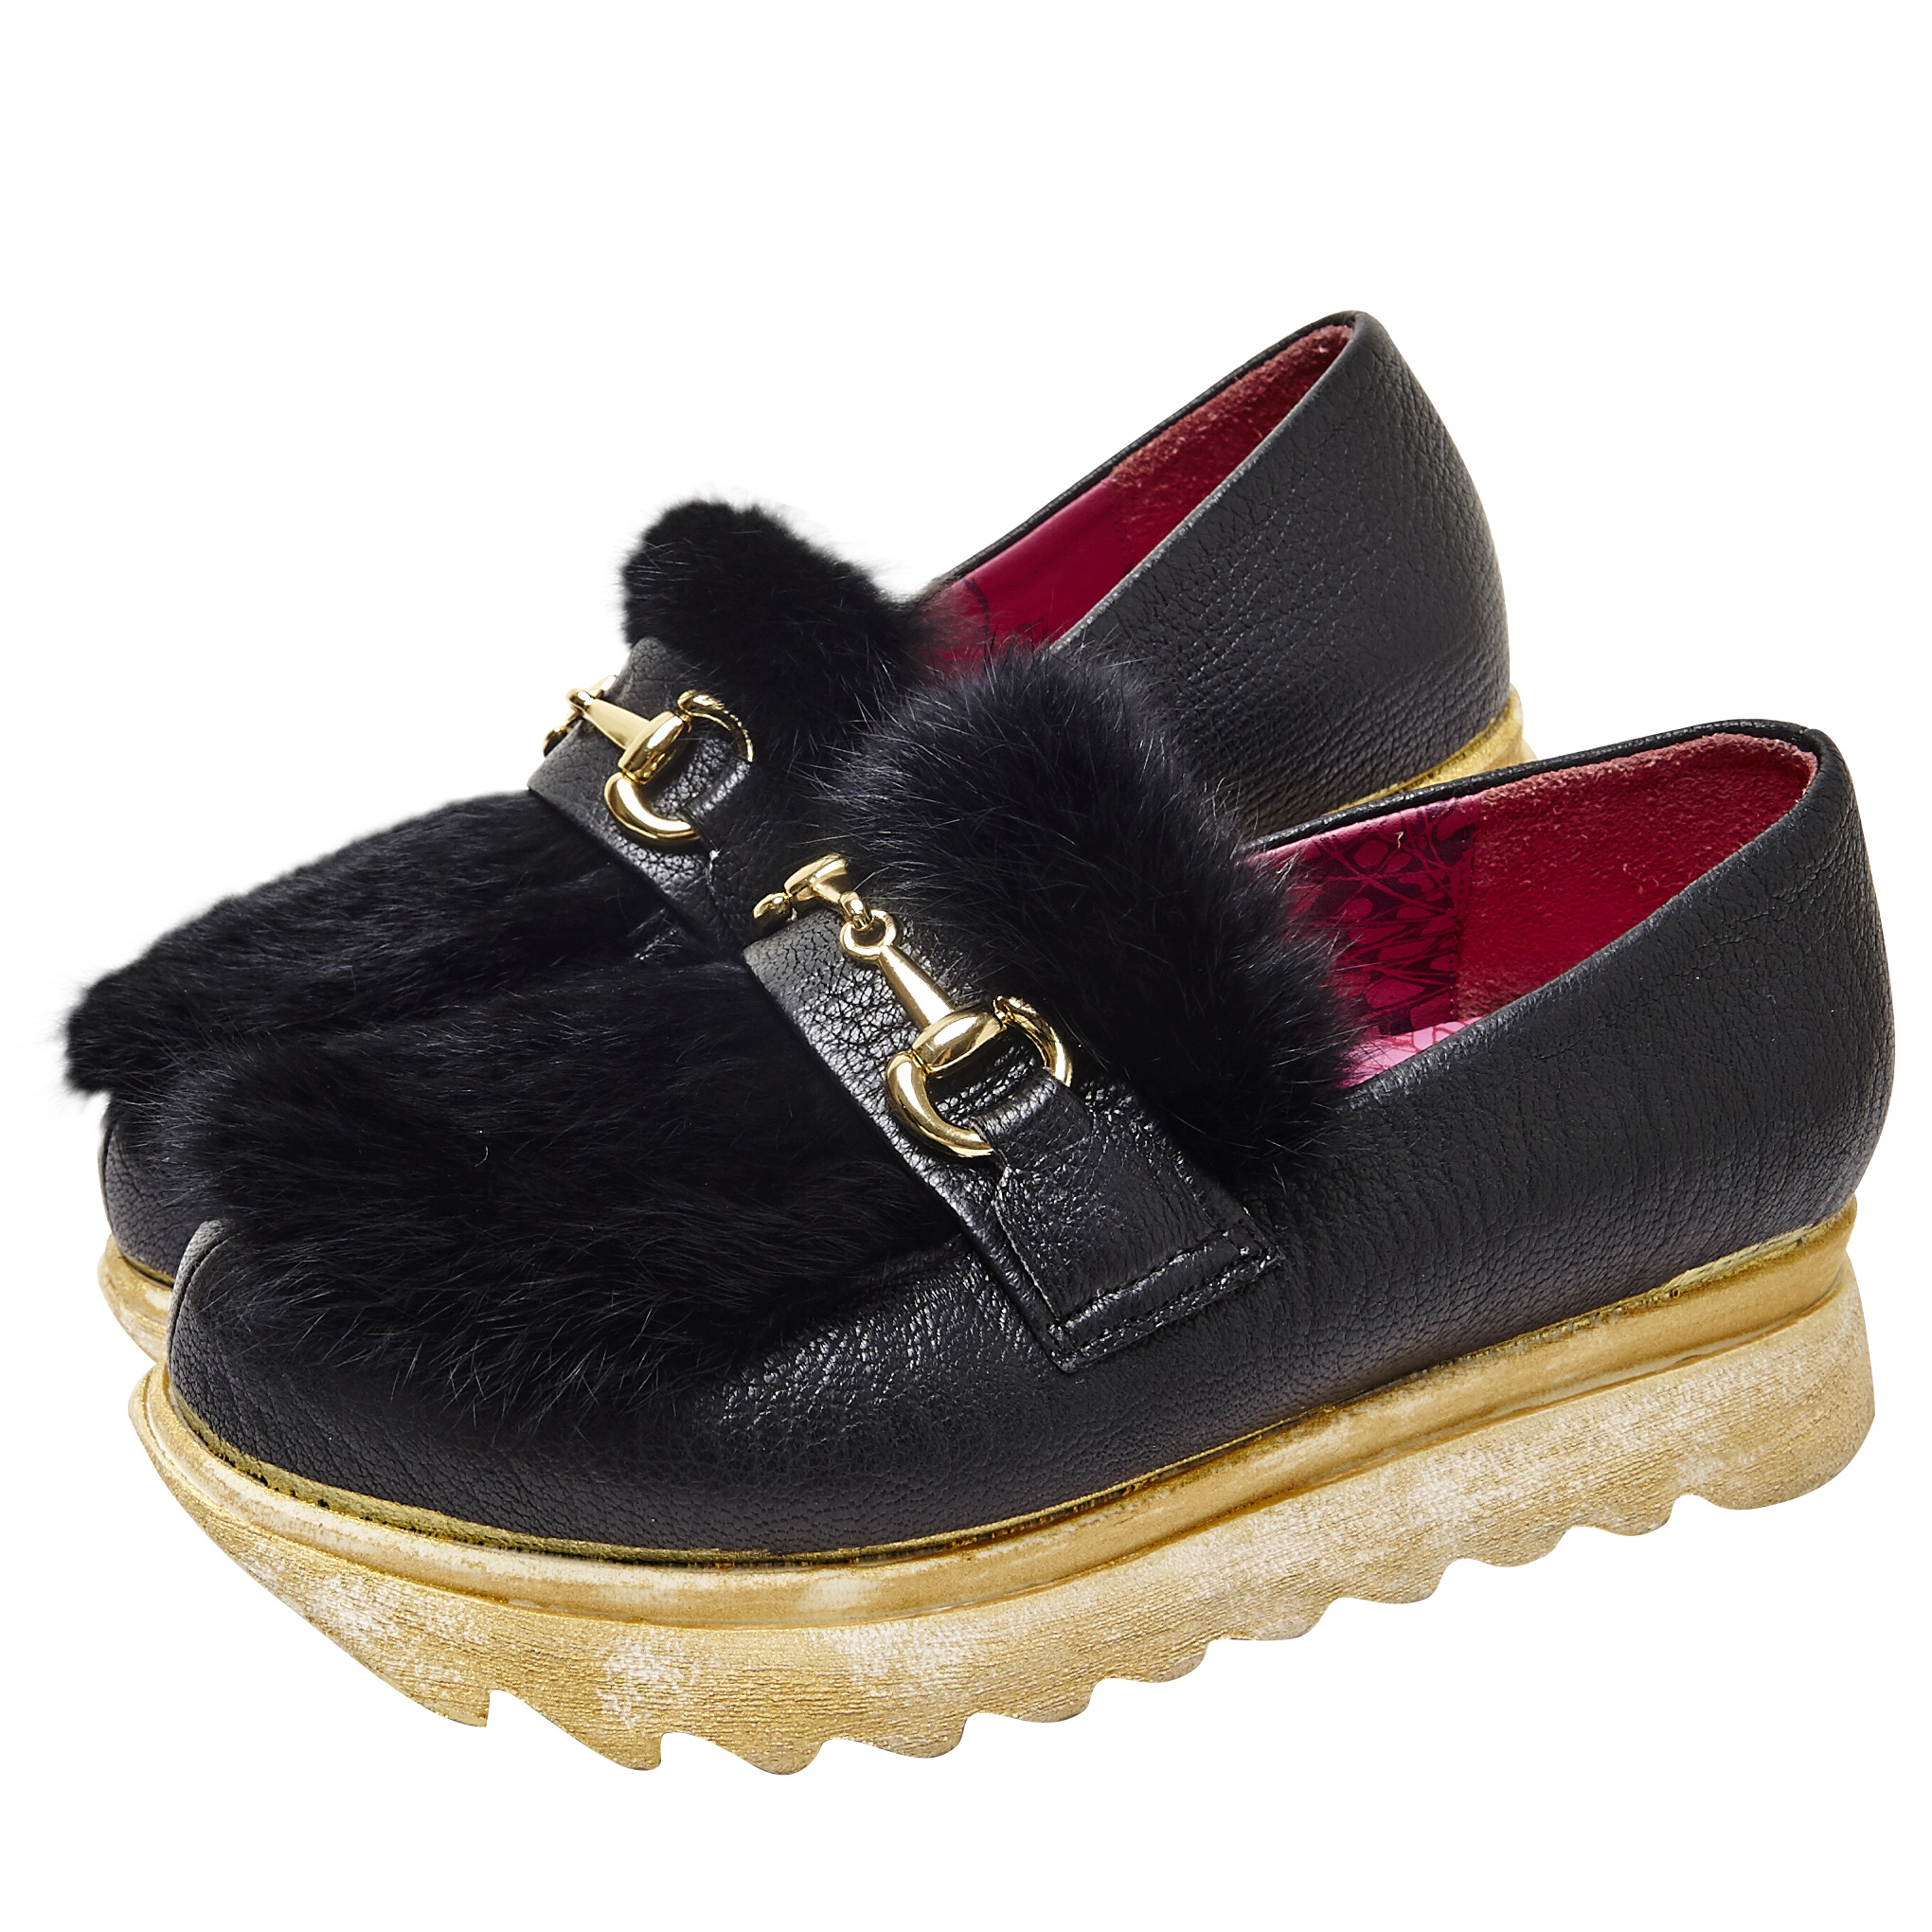 20161130《好康分享》Macanna麥坎納值得珍藏的一雙好鞋。 2017跨年慶1230~201712全省門市及專櫃全館1700元活動預告倒數中︱ (16).jpg